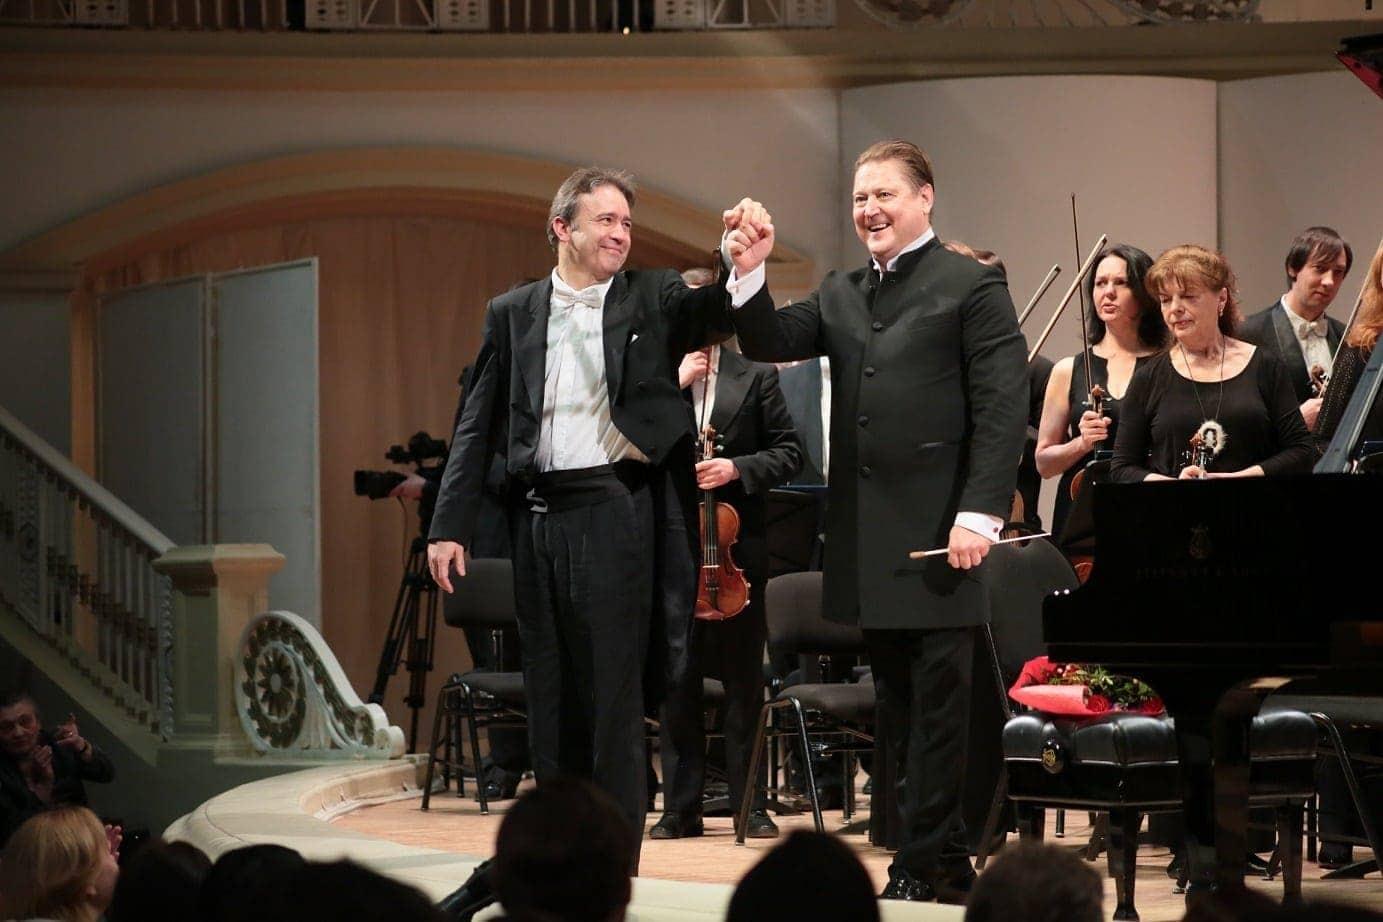 Алексей Володин и Александр Сладковский. Фото - Ирина Шымчак